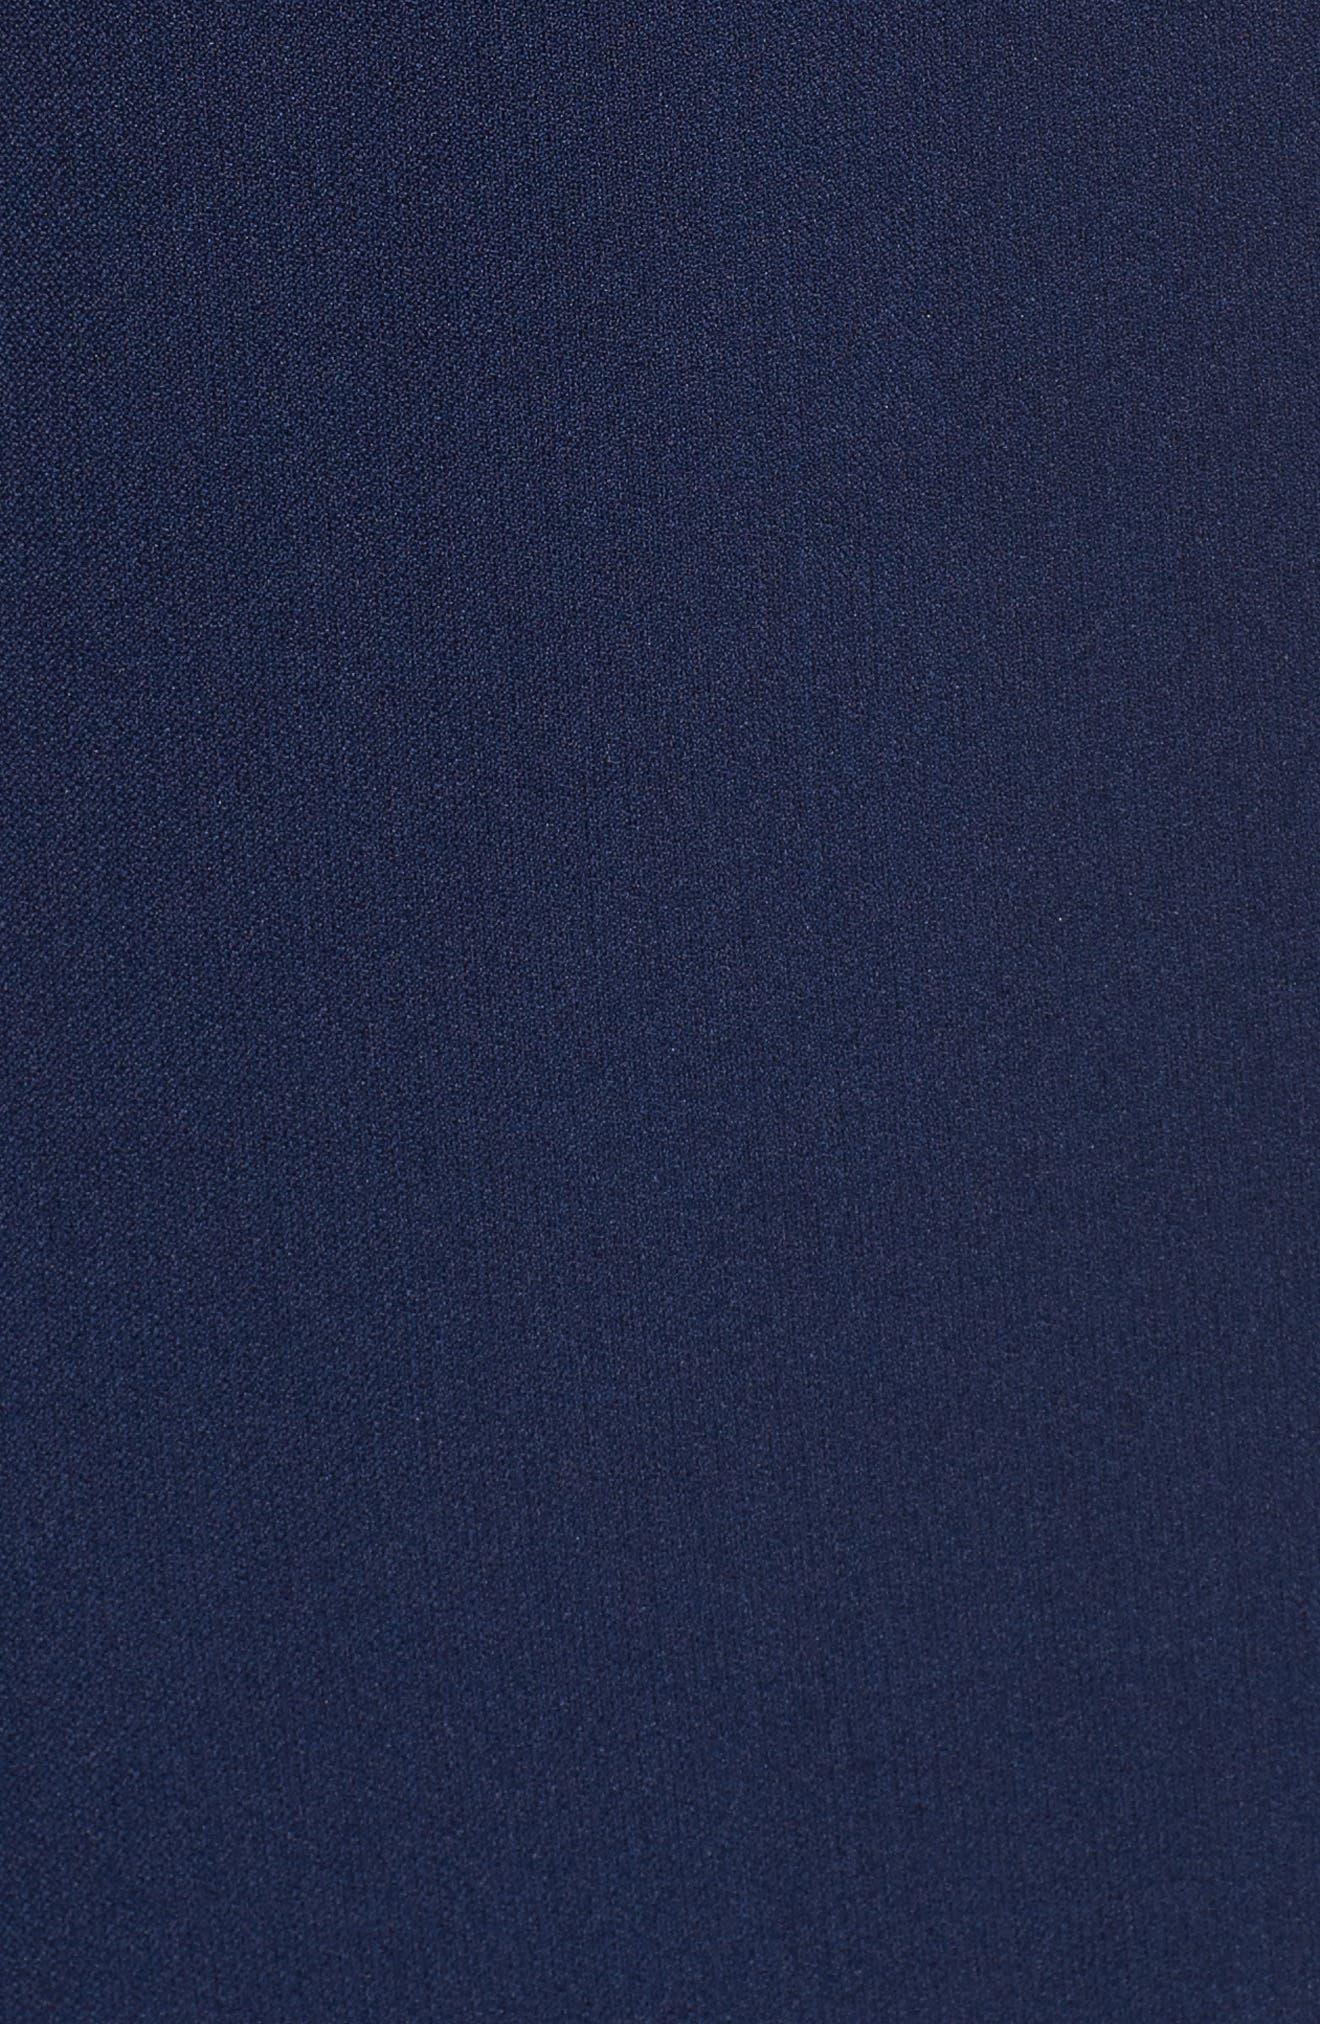 Drape Neck Fit & Flare Dress,                             Alternate thumbnail 5, color,                             412